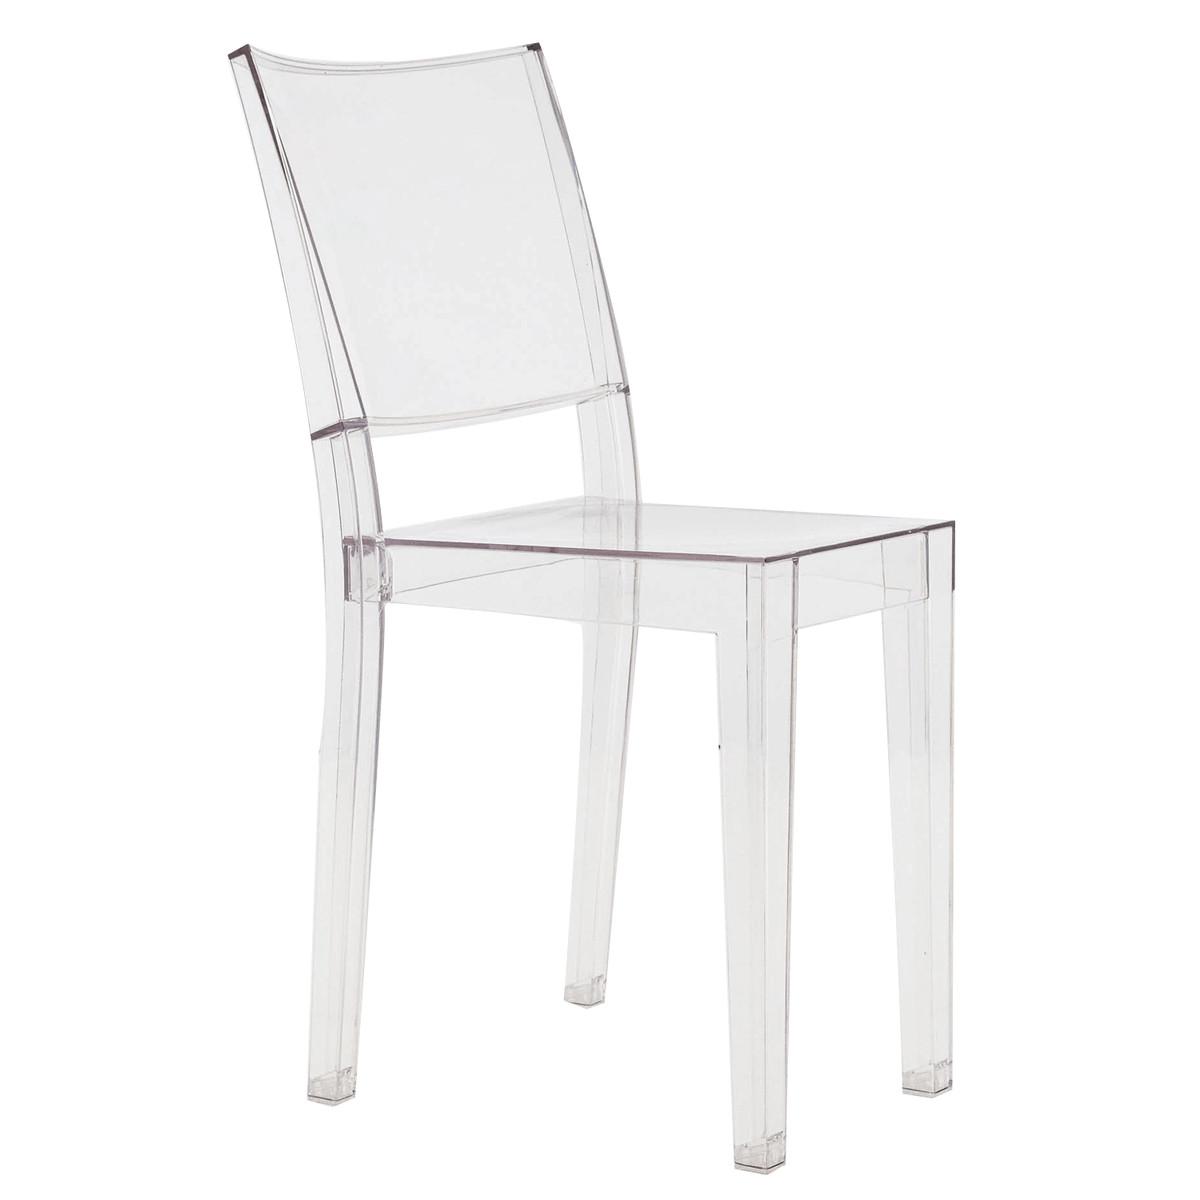 Kartell La Marie sedia Trasparente (2 unità di 4850 - Lámparas de diseño